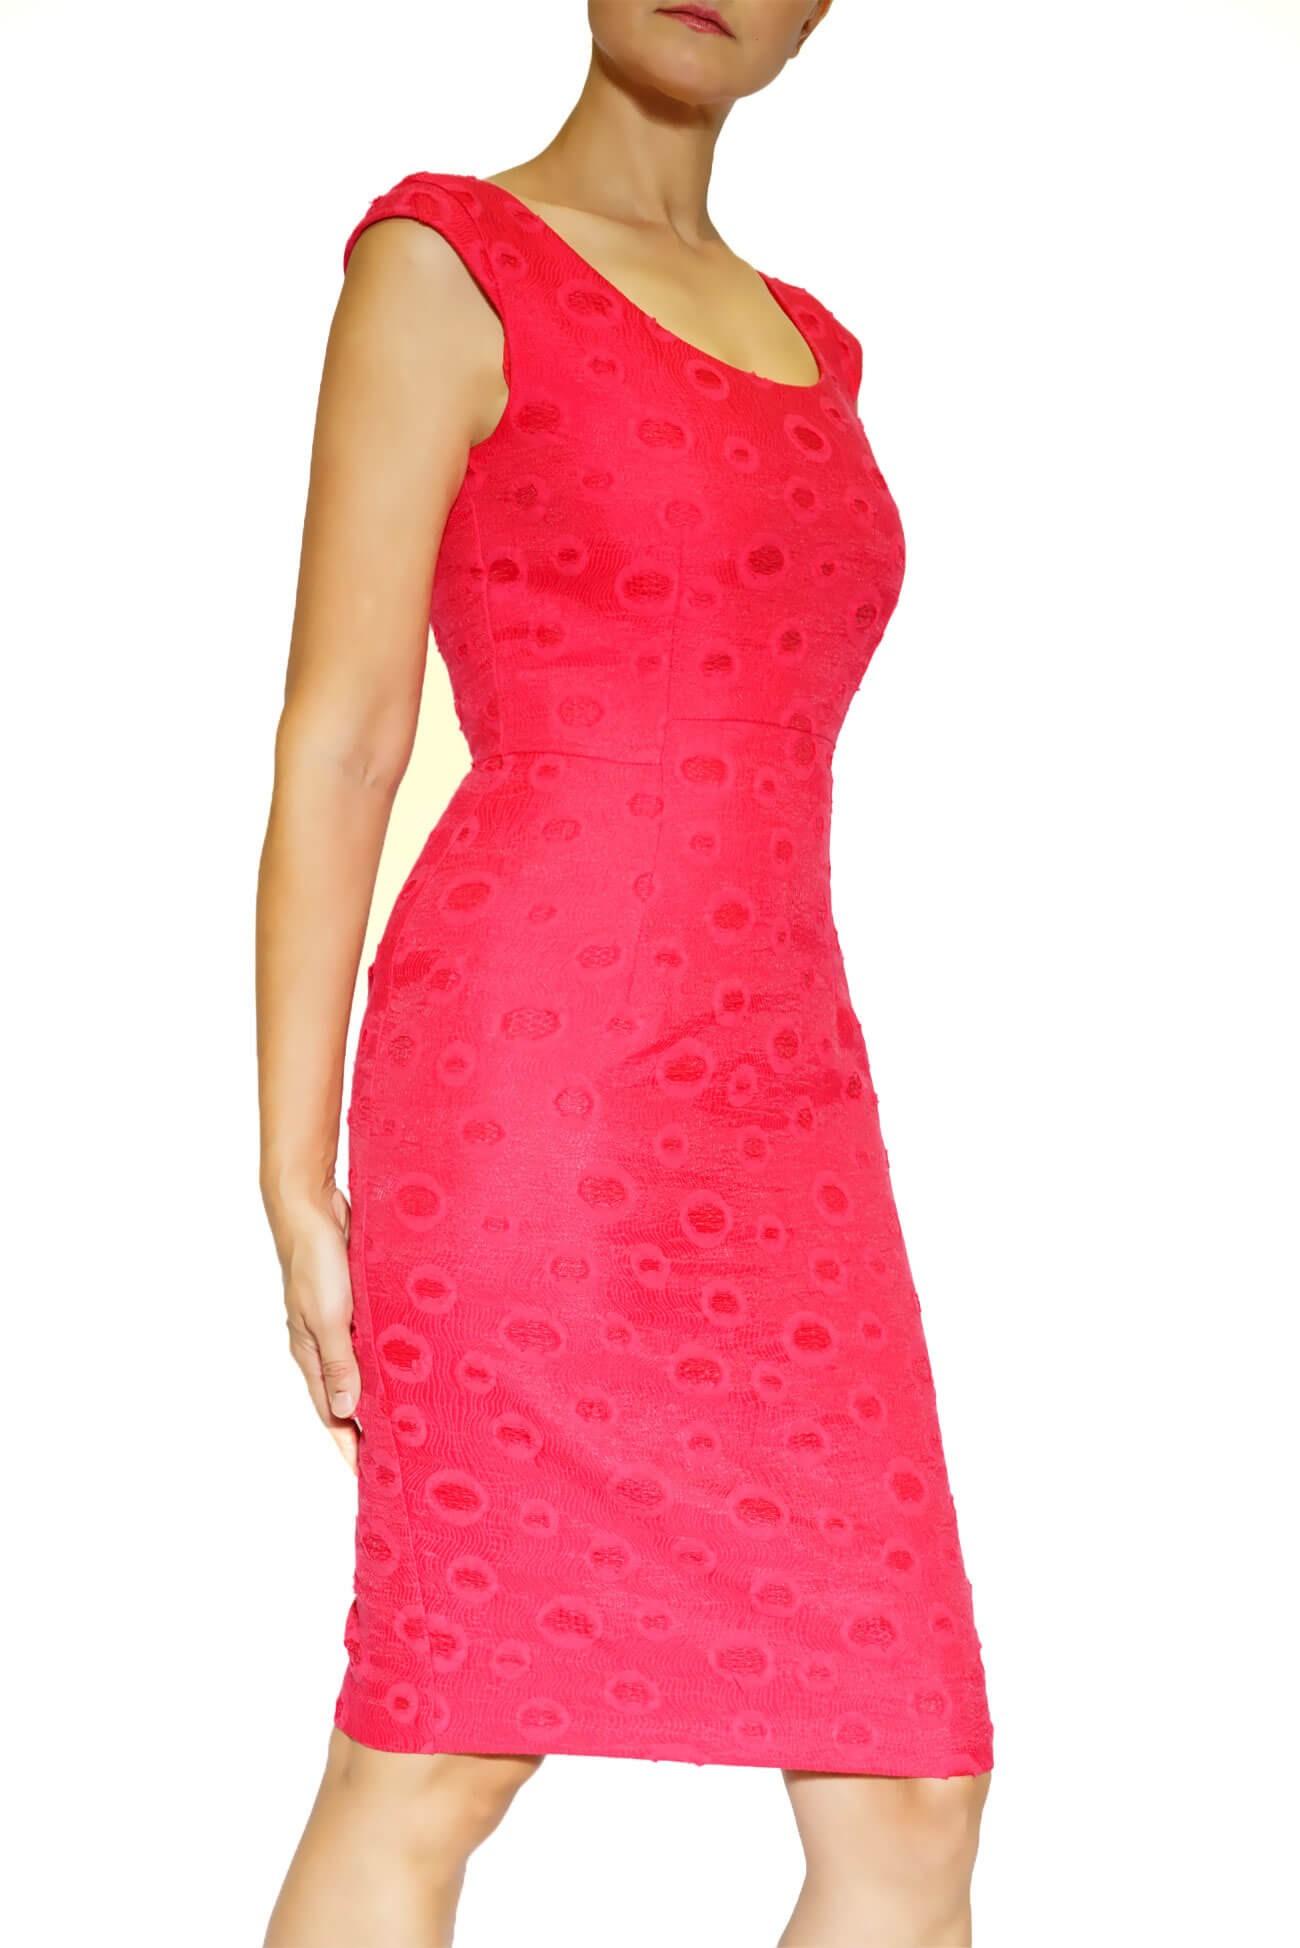 Rochie din brocart rosu cambrata